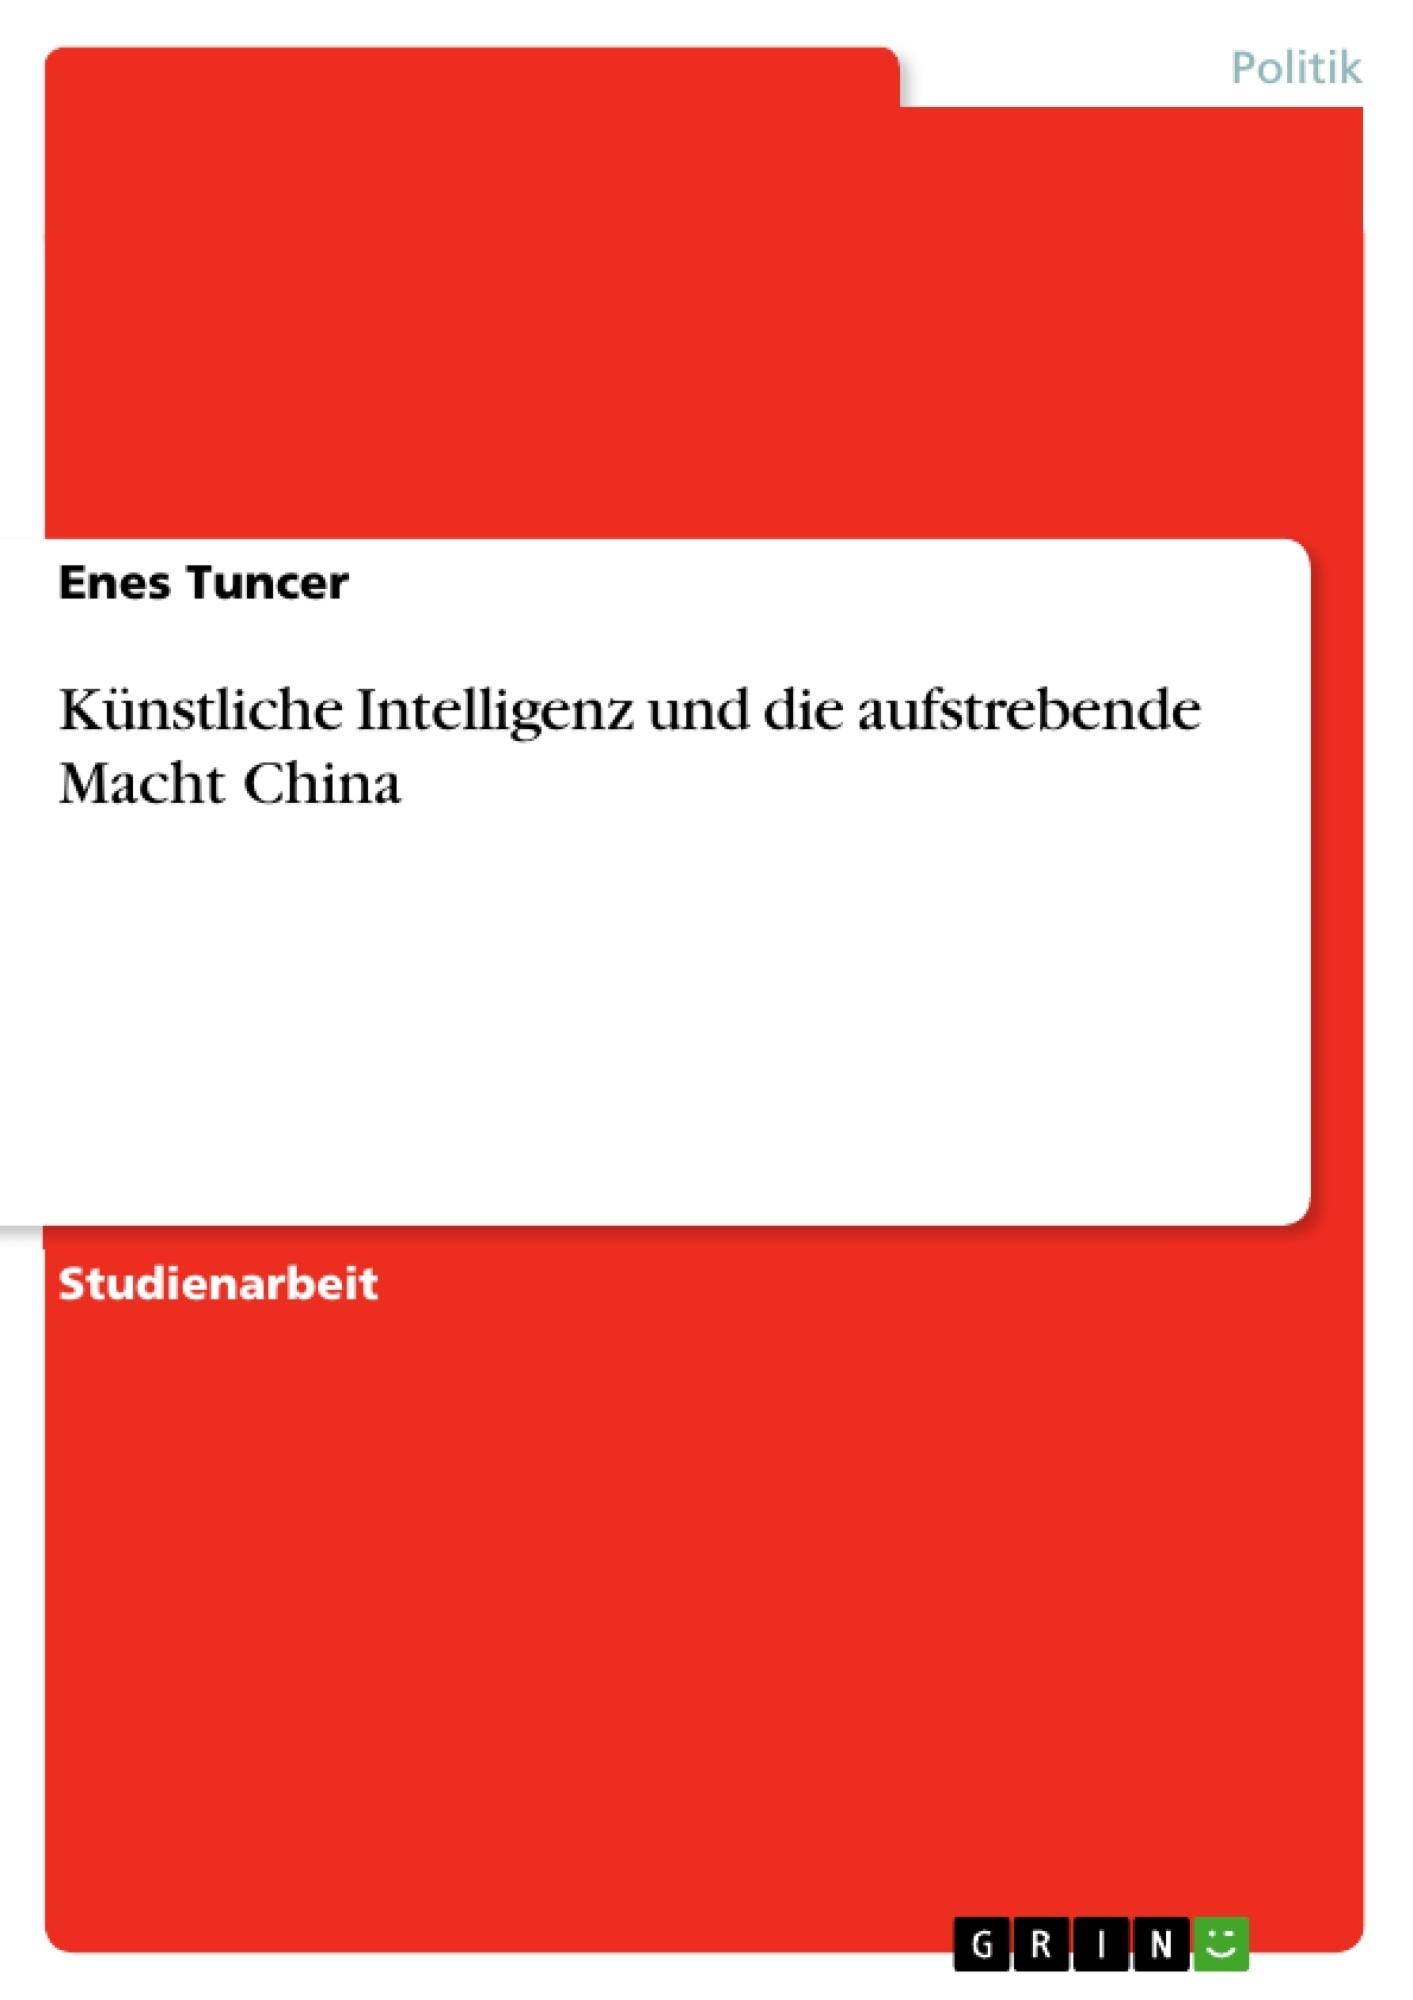 Titel: Künstliche Intelligenz und die aufstrebende Macht China